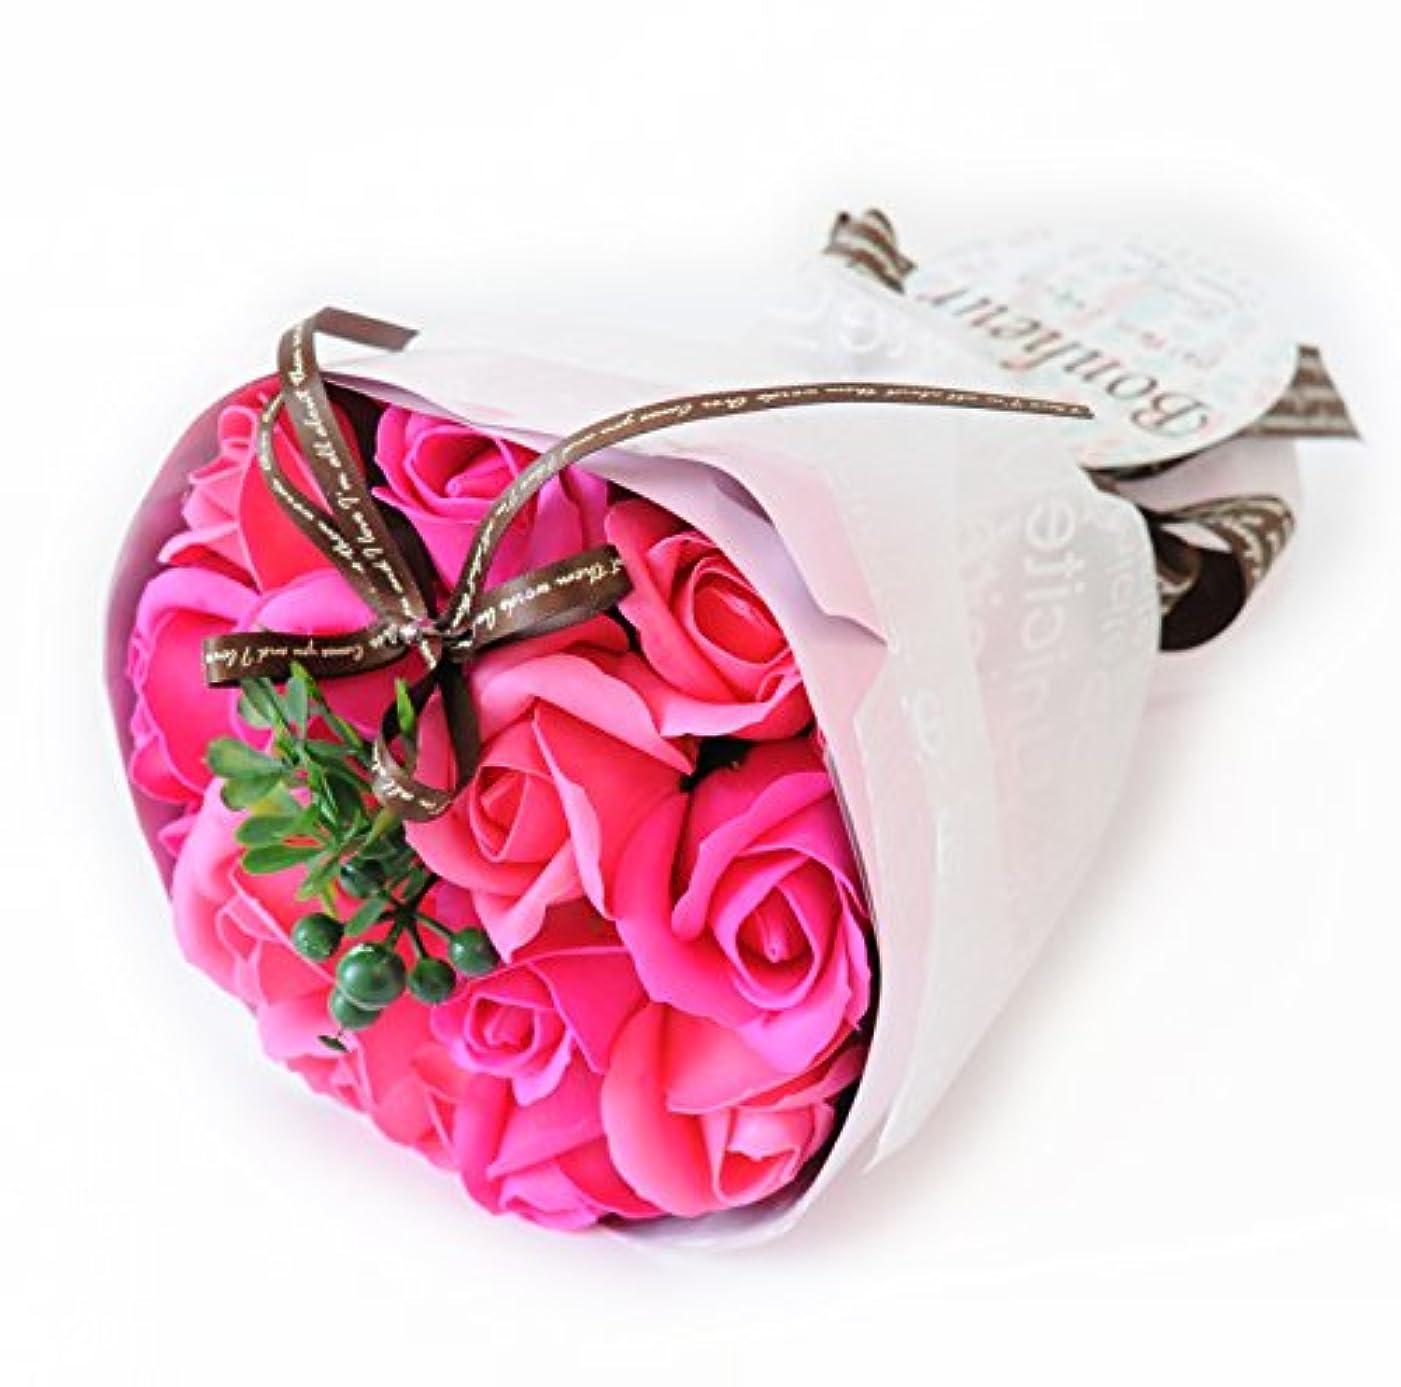 また恒久的提案するフラワーマーケット花由 ソープフラワー アロマローズブーケ ビューティー シャボンフラワー フラワーソープ